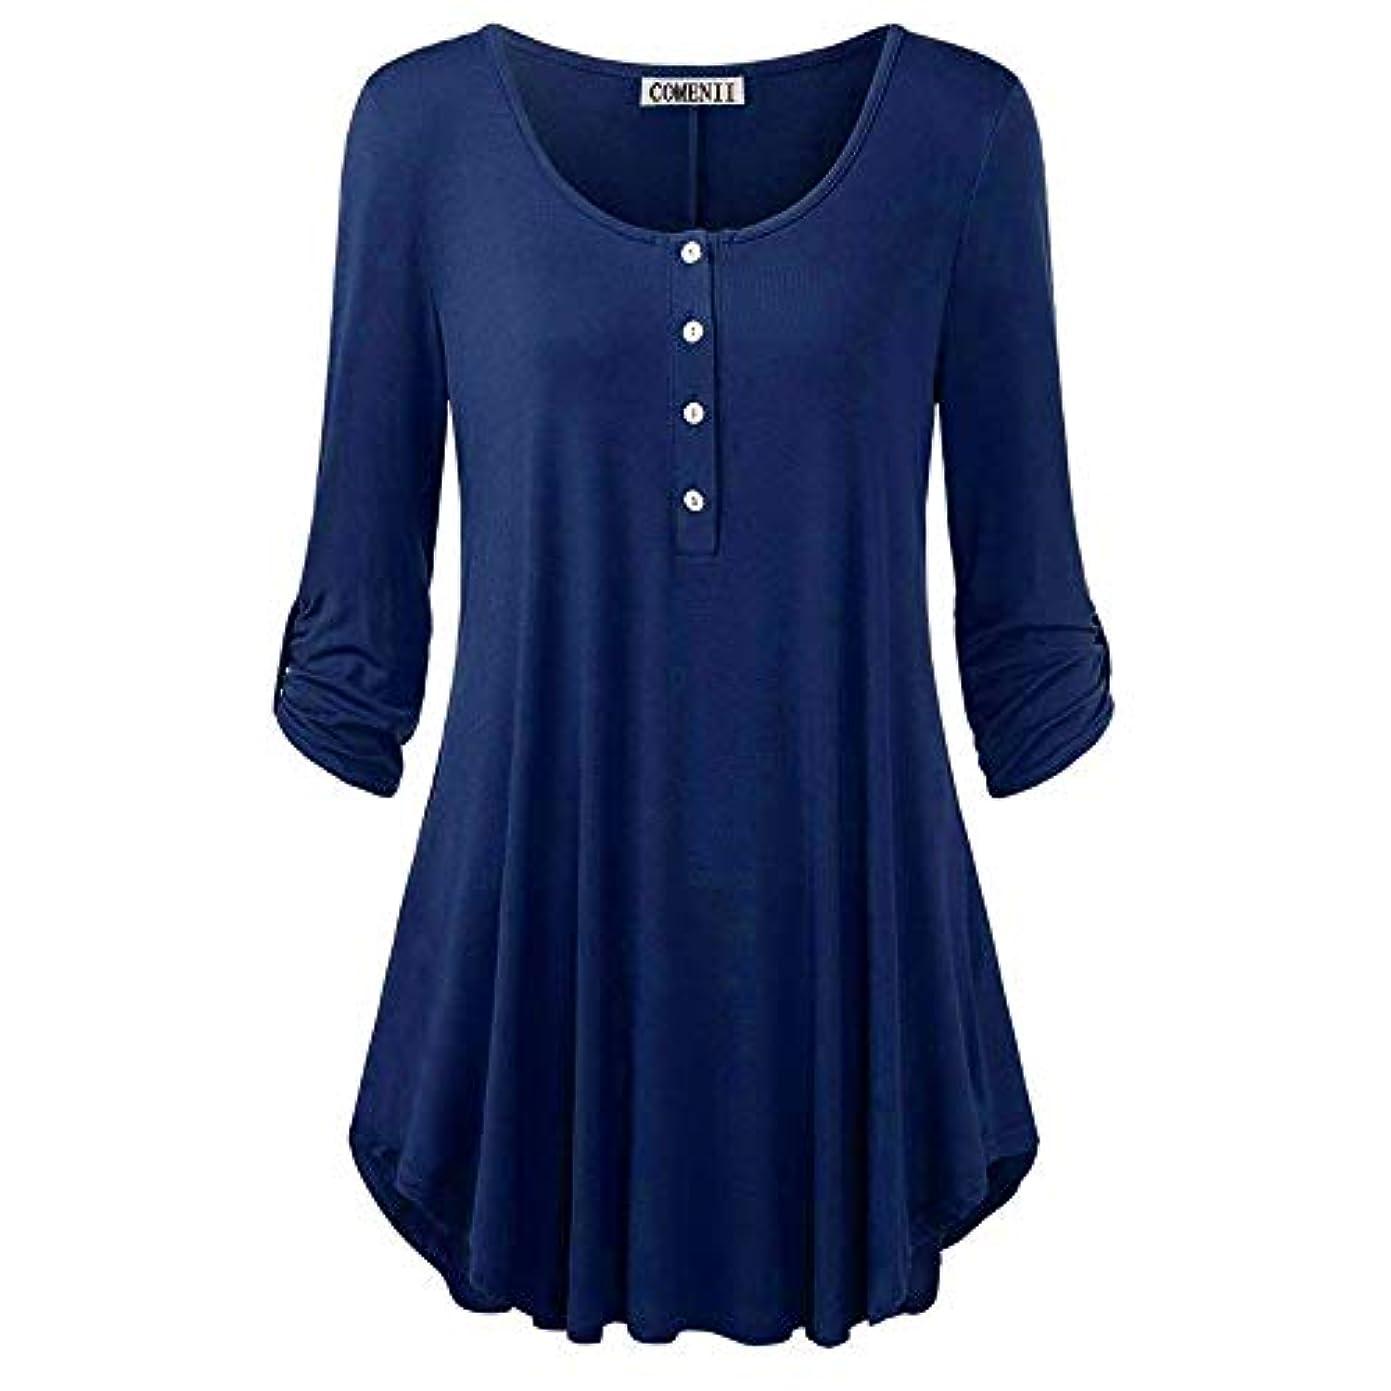 一致する組み合わせるかんたんMIFANトップス&Tシャツ、ゆったりとしたTシャツ、女性用Tシャツ、コットンTシャツ、長袖シャツ、プラスサイズトップ、女性用トップス